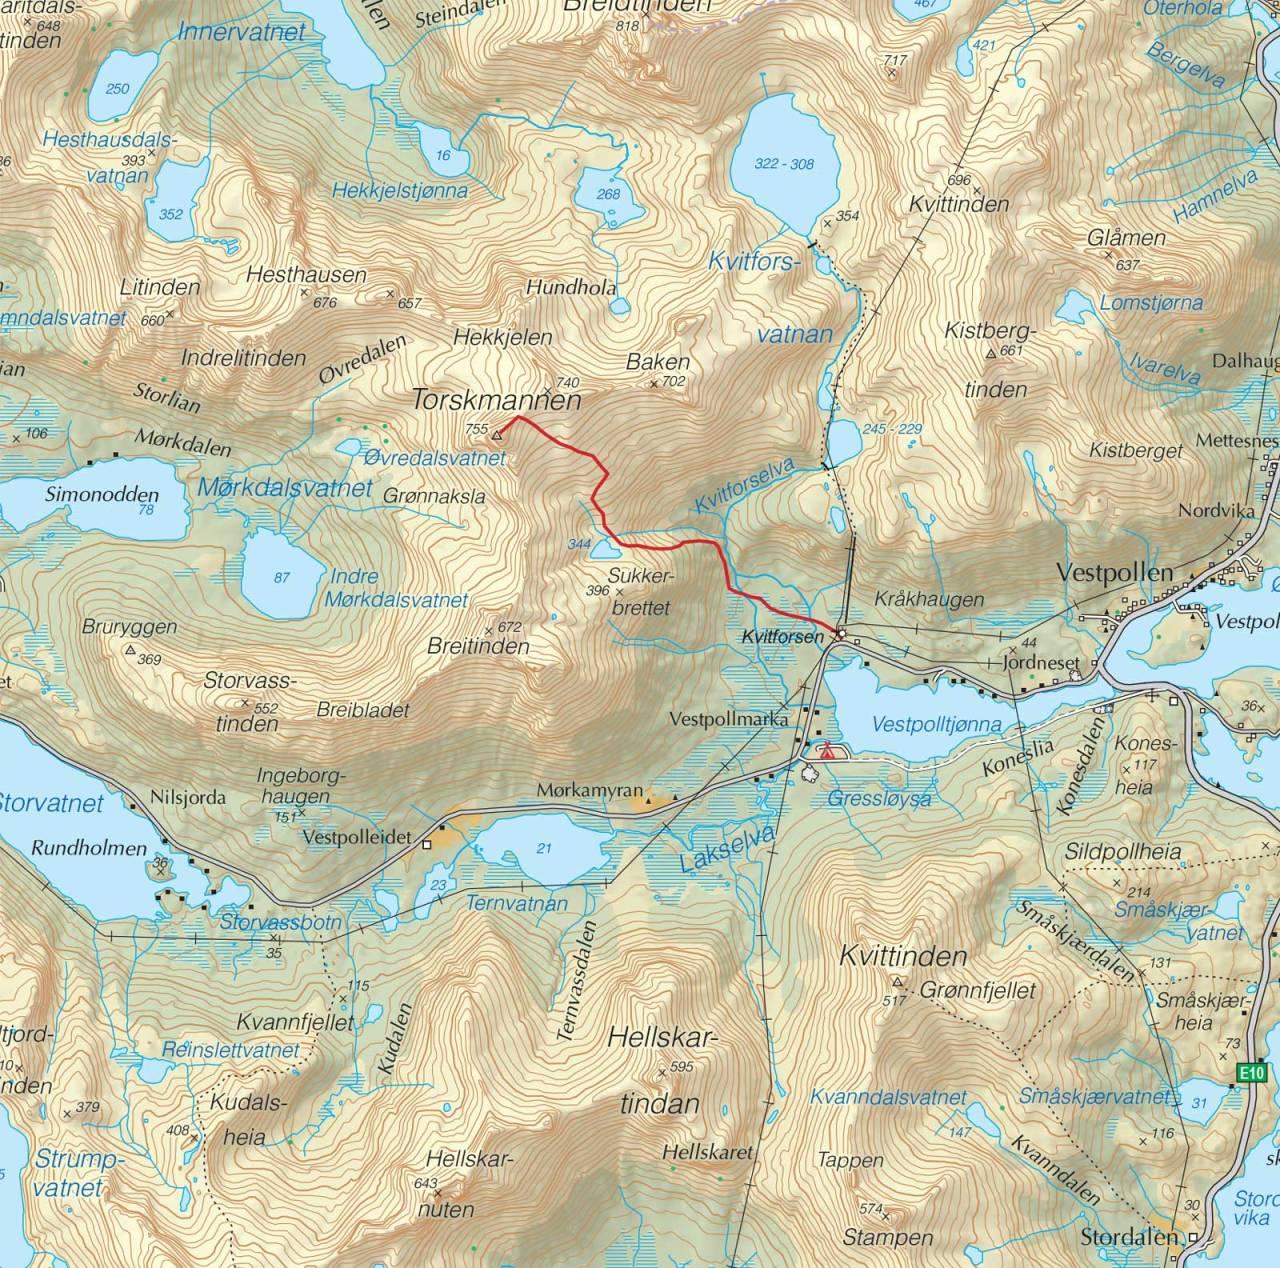 Kart over Torskmannen med inntegnet rute. Fra Tryggetoppturer